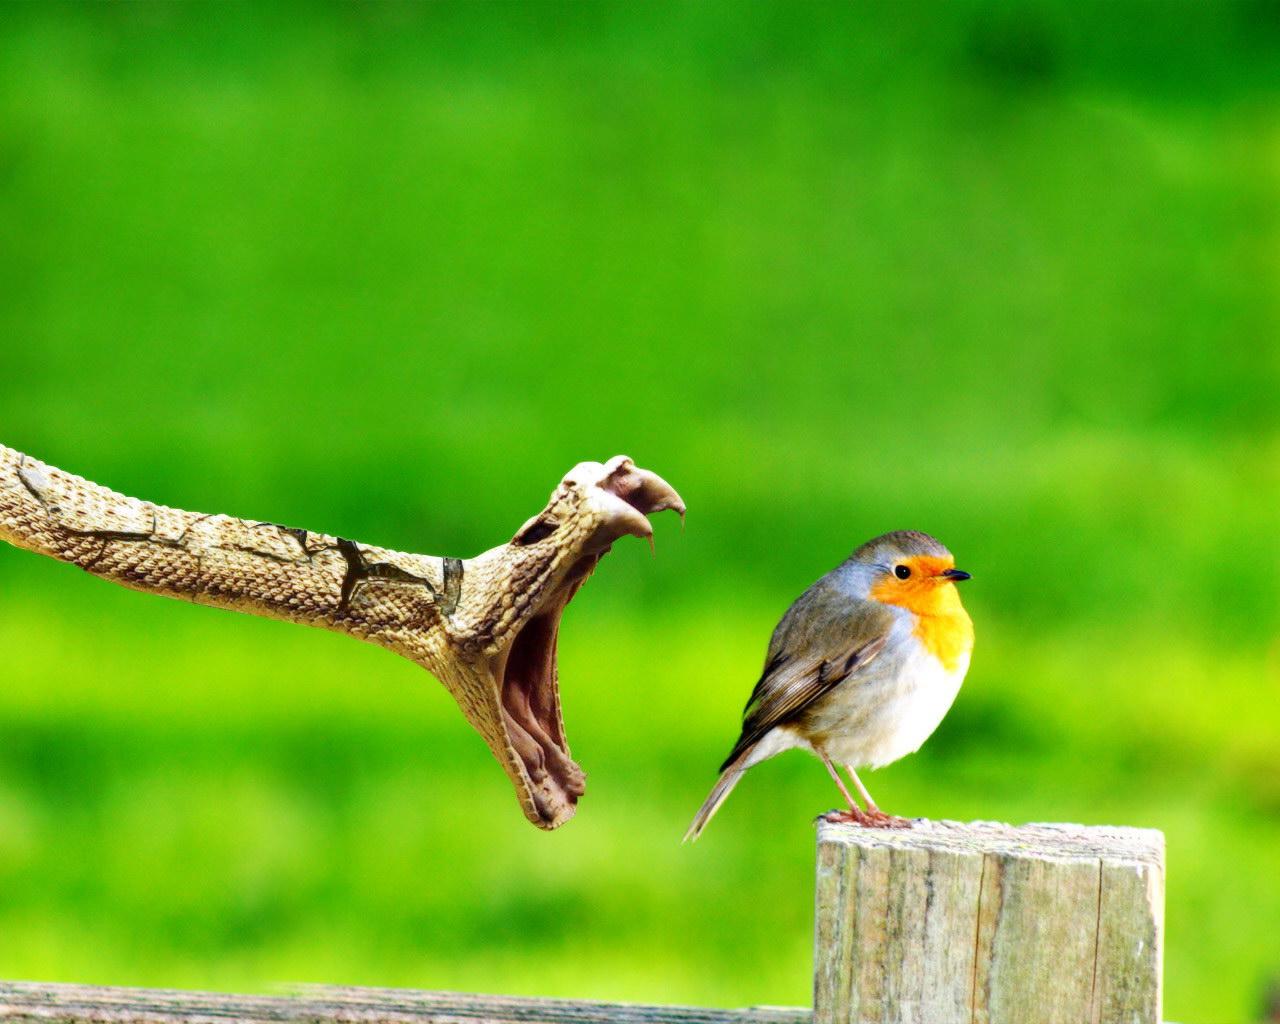 http://2.bp.blogspot.com/-7K1Dpnn6pcg/TgBNLFBXMgI/AAAAAAAABSI/dYh-G5VkGOk/s1600/Animals_Birds_Bird_and_snake_004698_.jpg